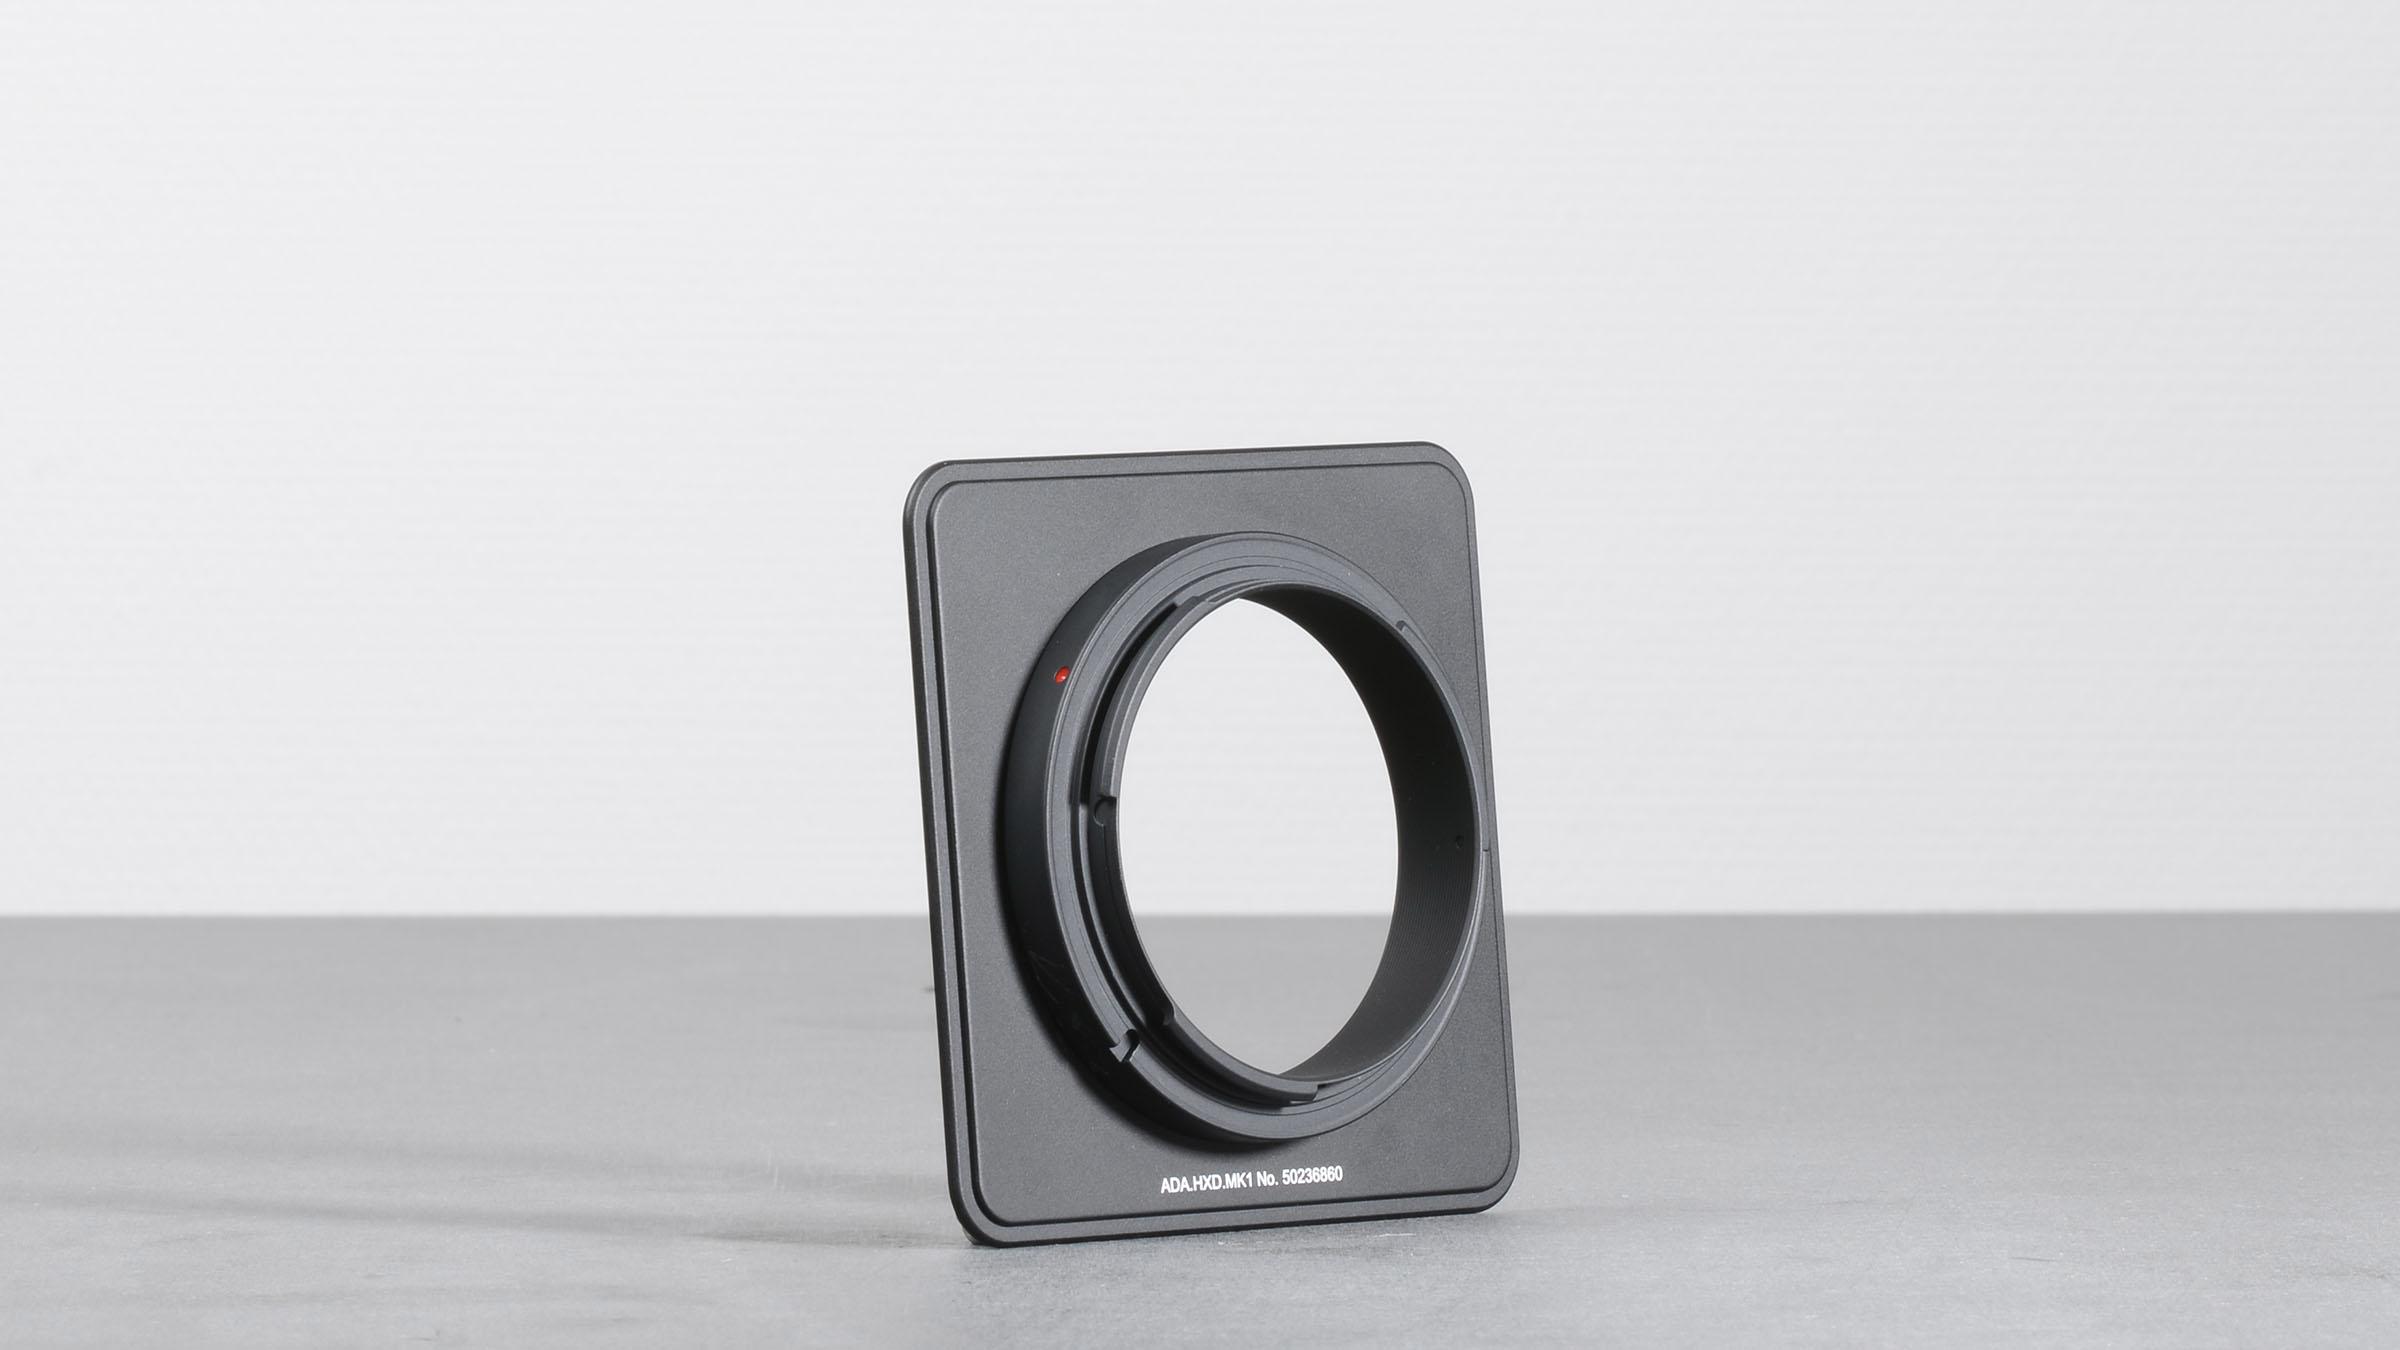 ALPA HxD Lens Module